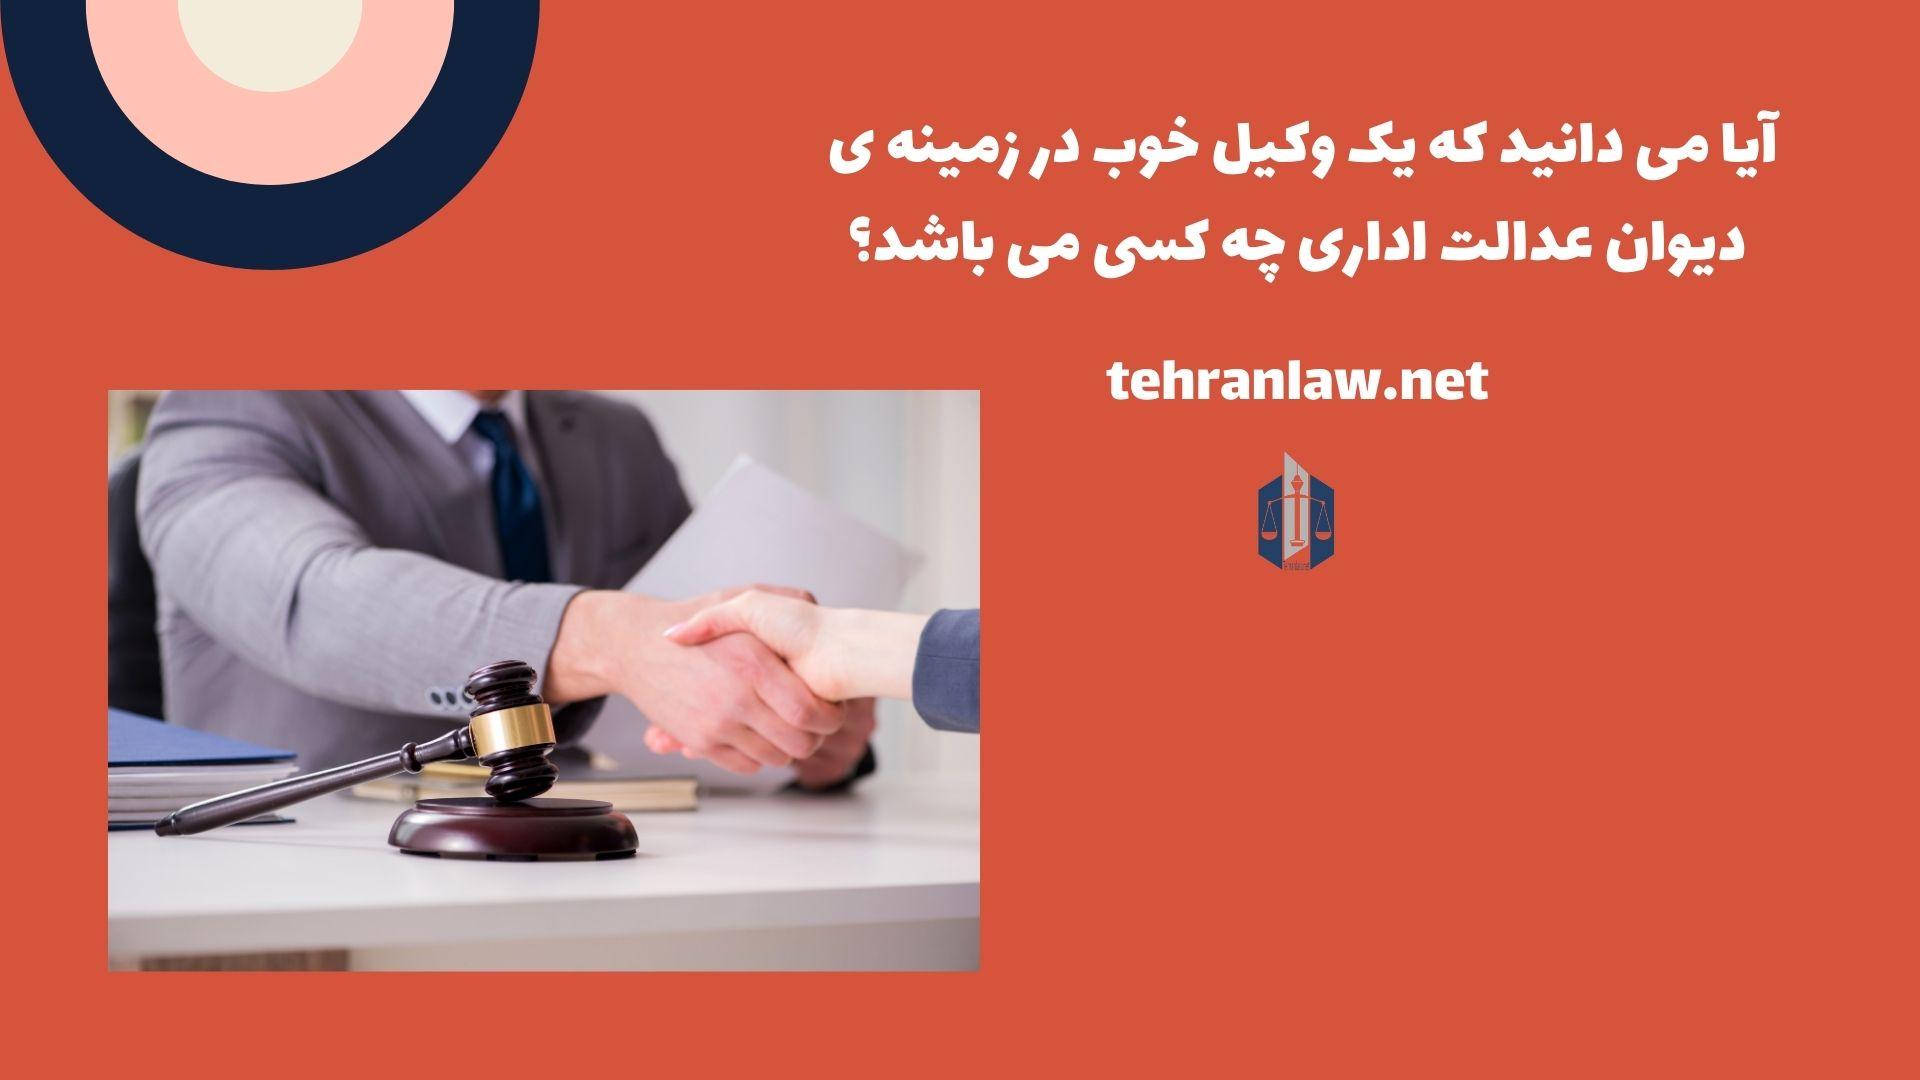 آیا می دانید که یک وکیل خوب در زمینه ی دیوان عدالت اداری چه کسی می باشد؟